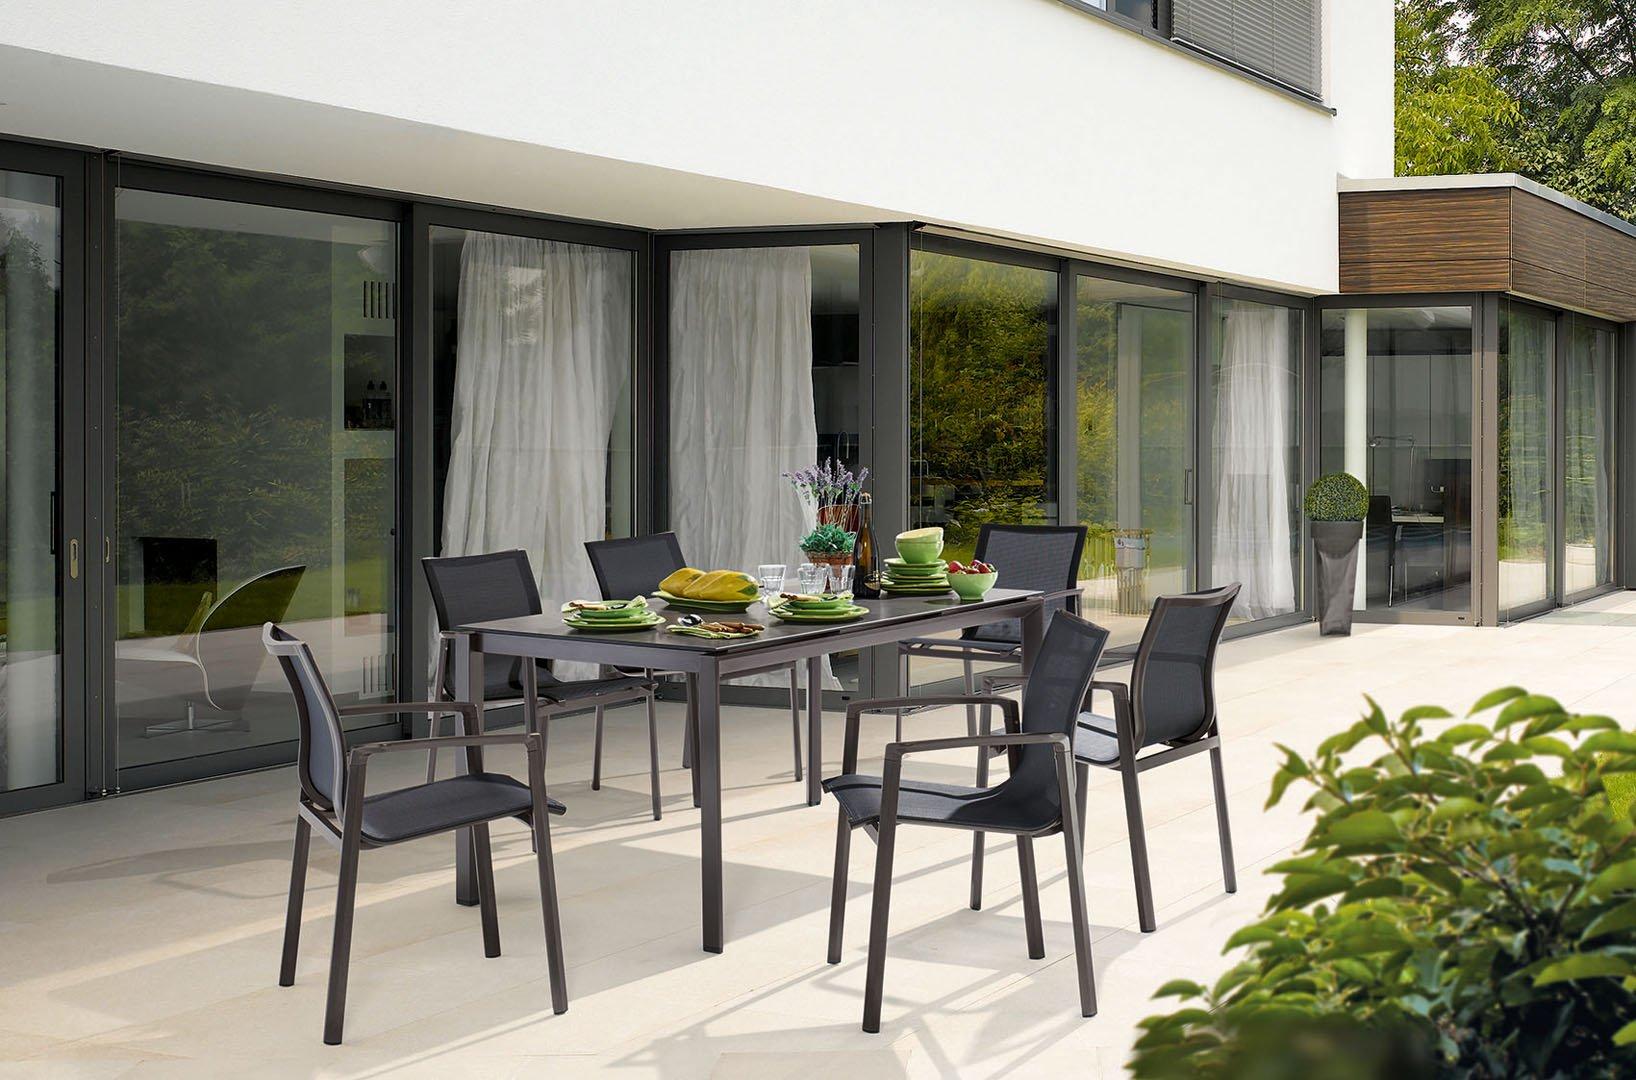 Gartenmobel Osnabruck Umgebung Fur Privat Gastronomie